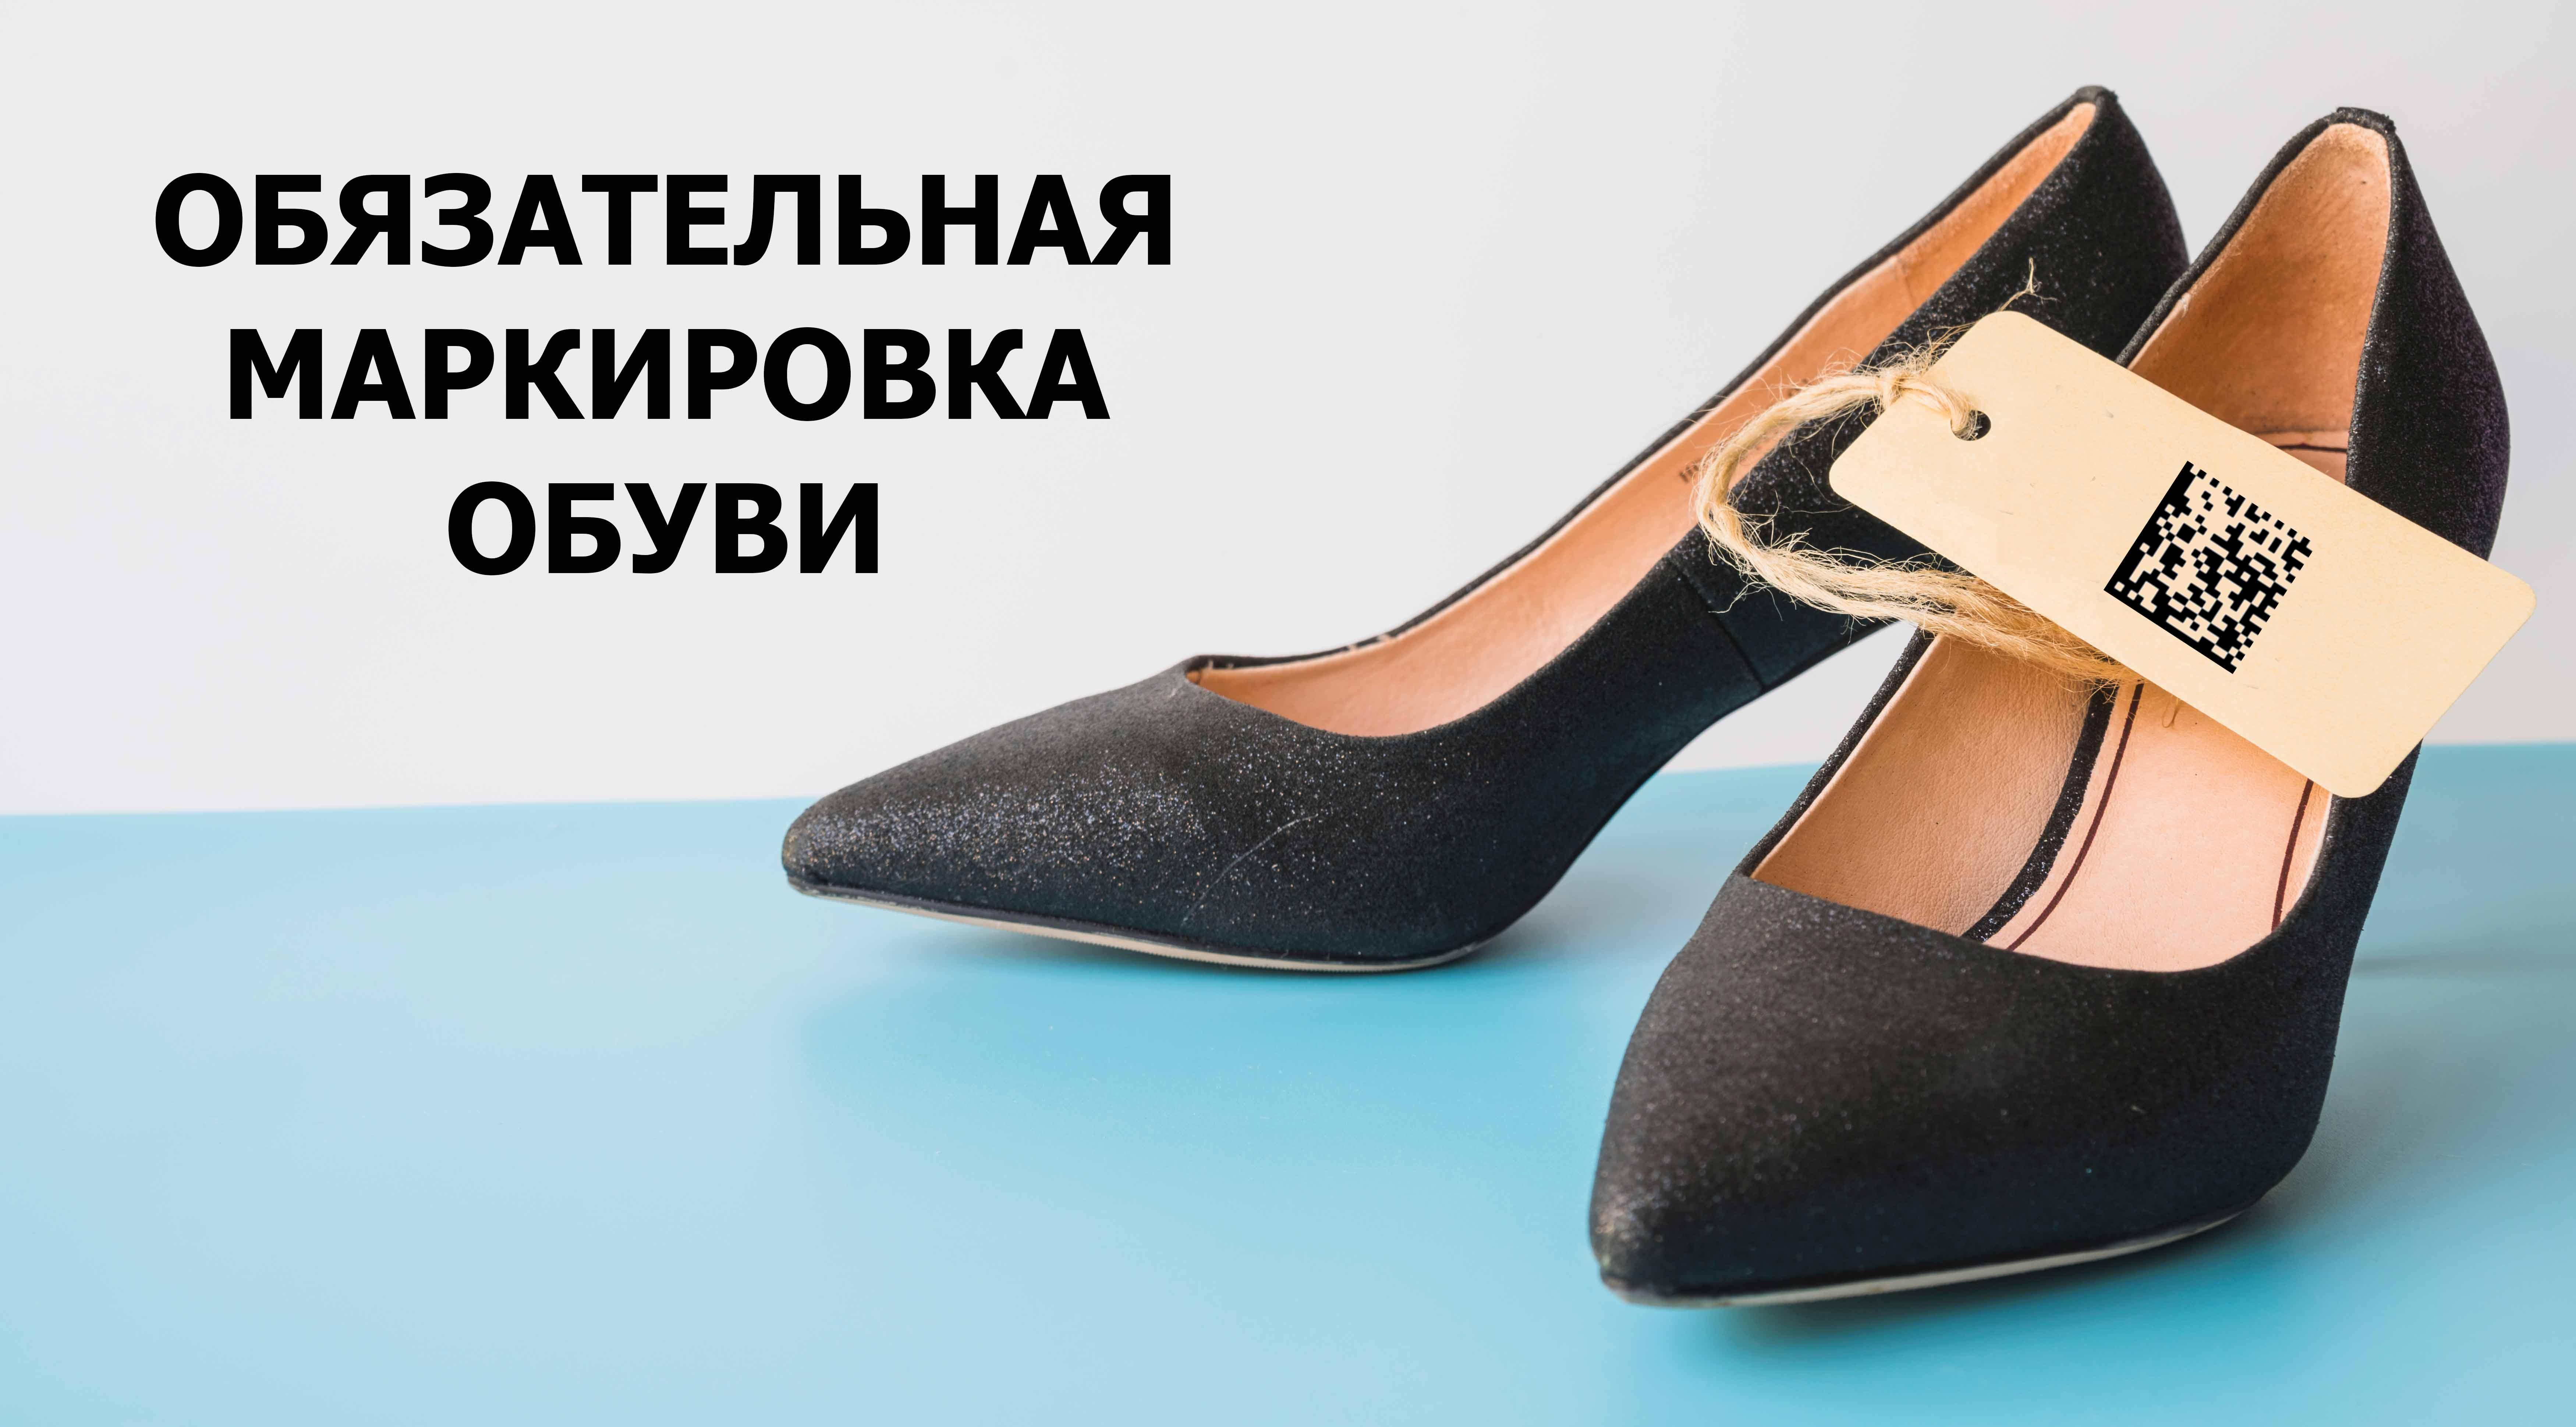 Марикровка обуви на рынке